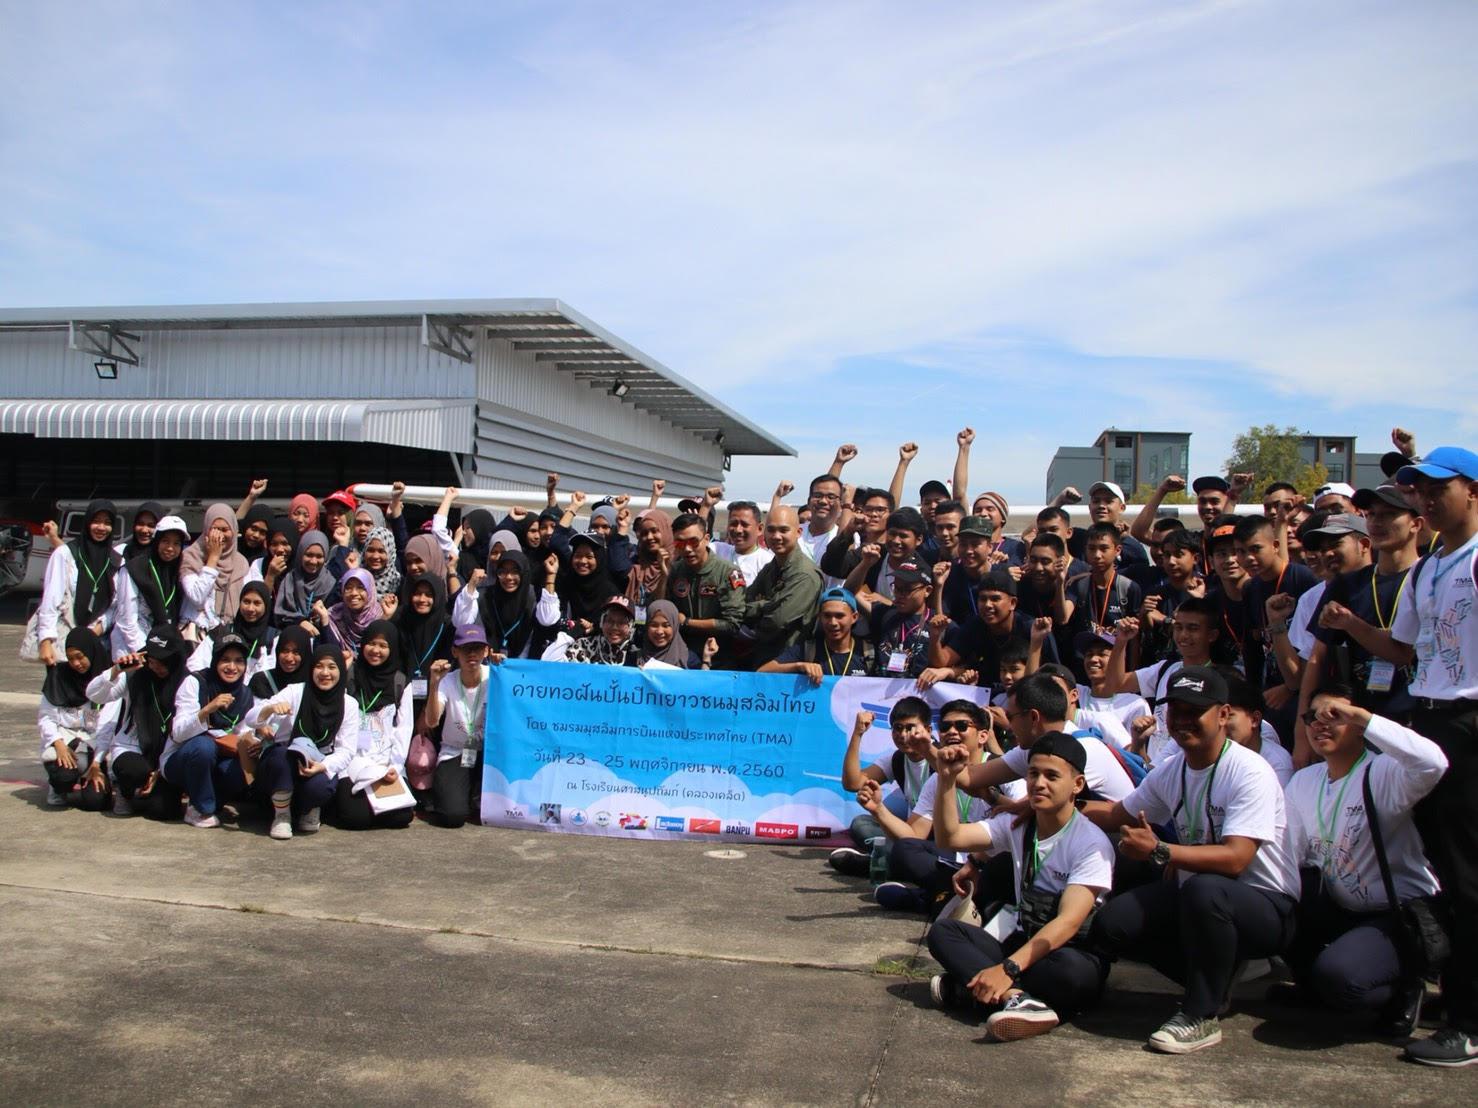 ชมรม Thai Muslim Aviation (TMA) จัดโครงการ? ทอฝันปั้นปีกเยาวชนมุสลิมไทย